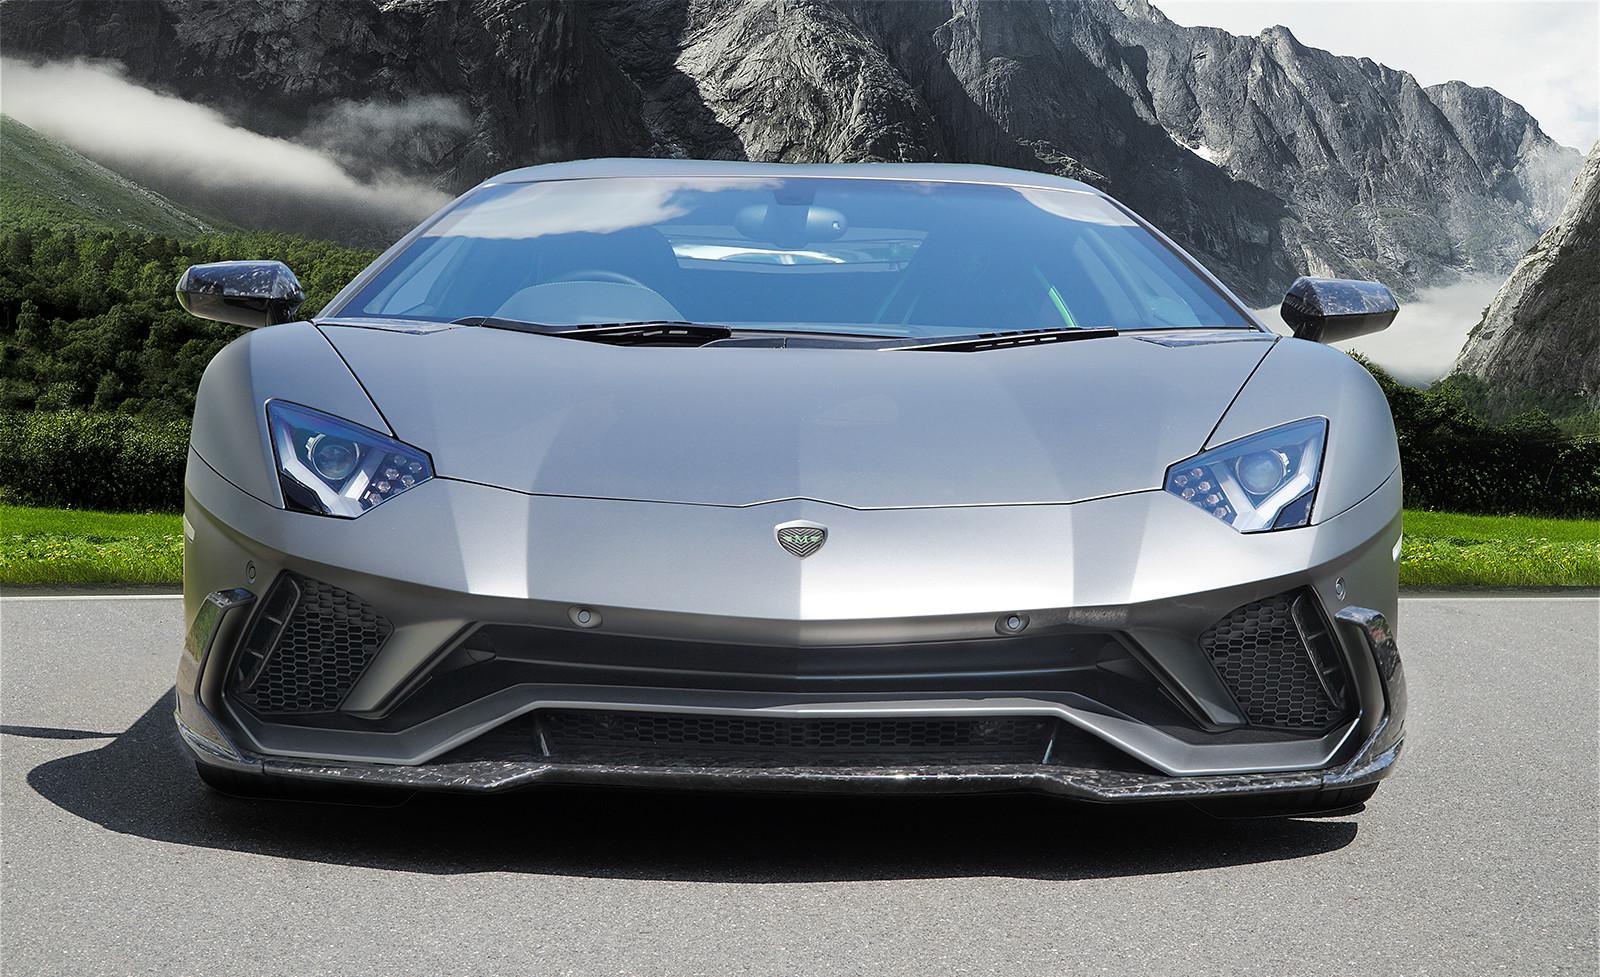 Foto de Lamborghini Aventador S Mansory (7/8)